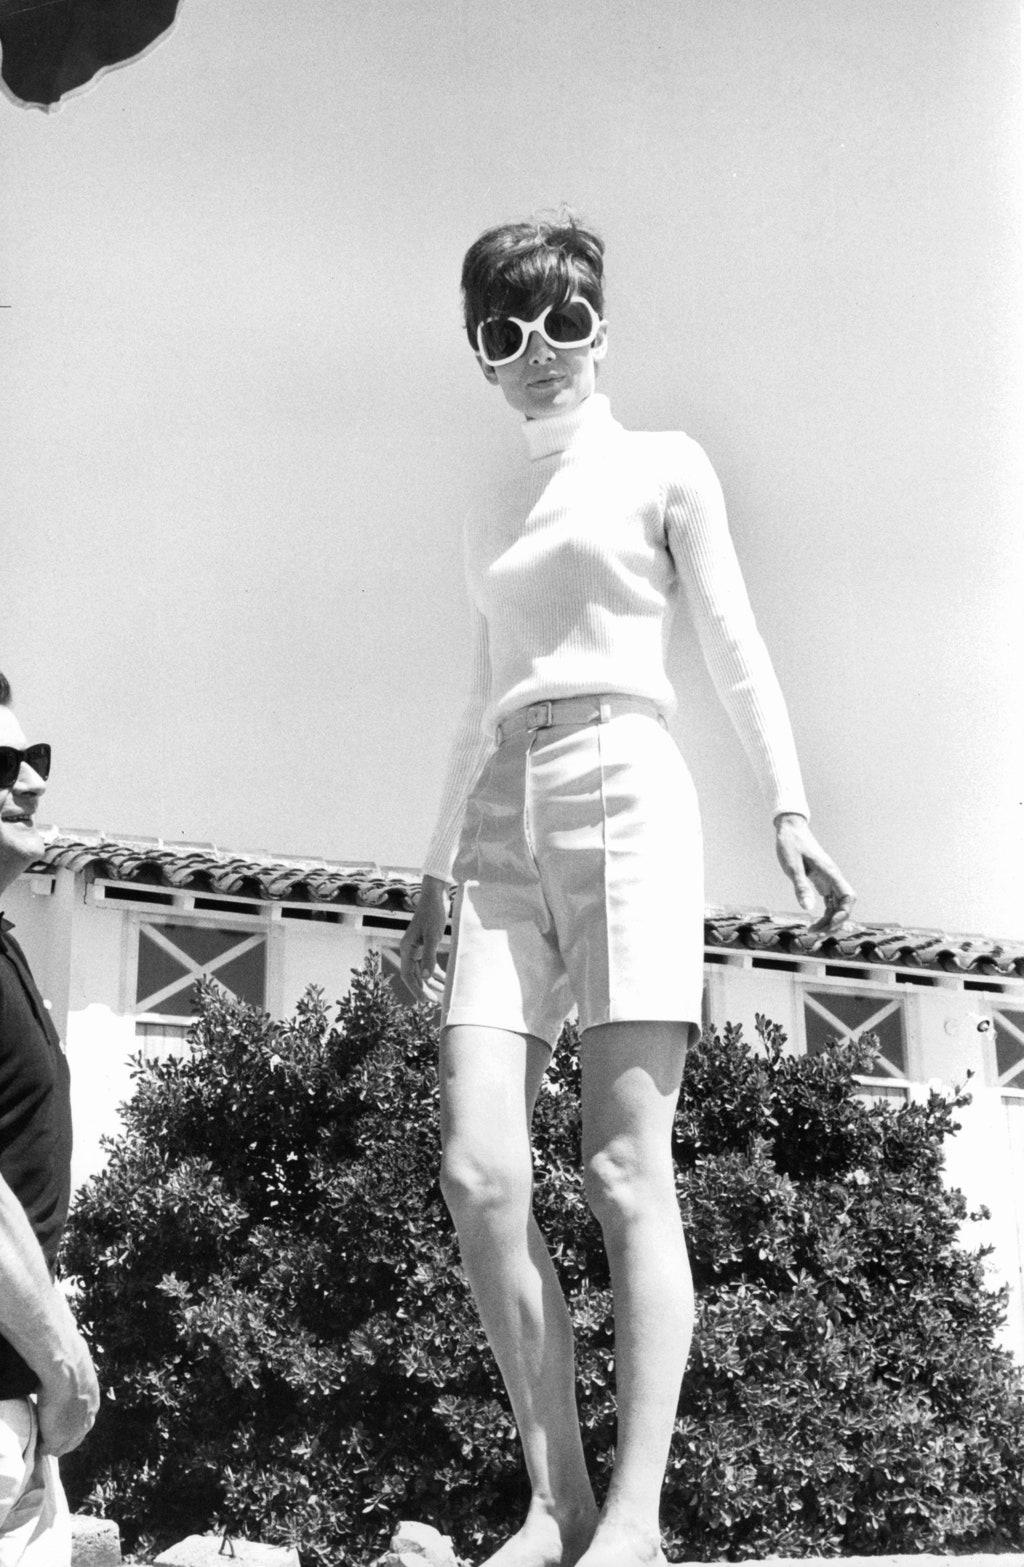 Thời trang Hè - Audrey Hepburn mặc áo len cao cổ, quần bermuda và kính râm to bản